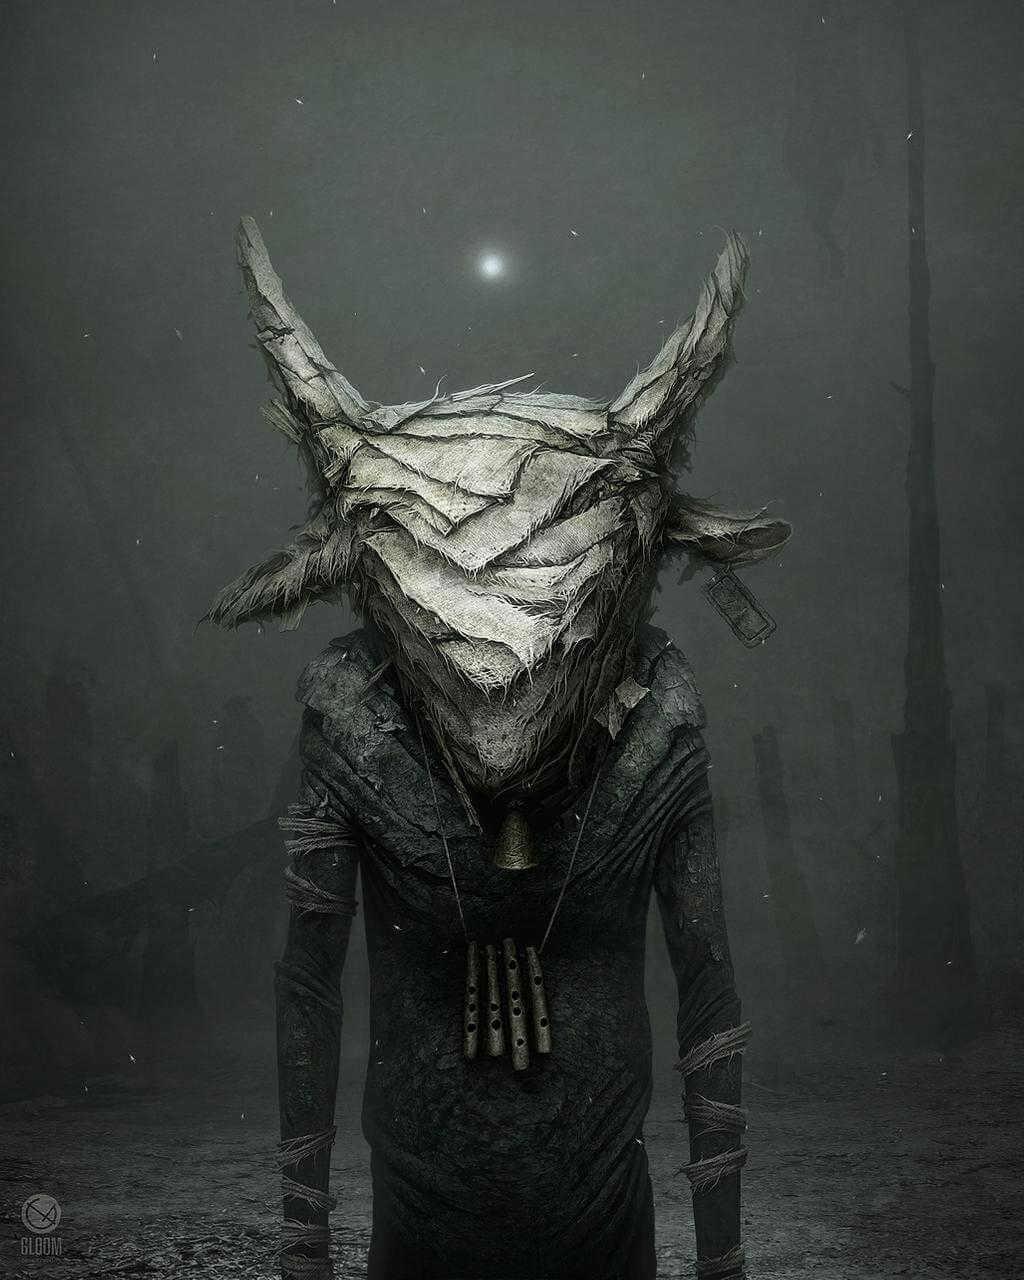 Dibujo de ser oscuro con cabeza de cabra